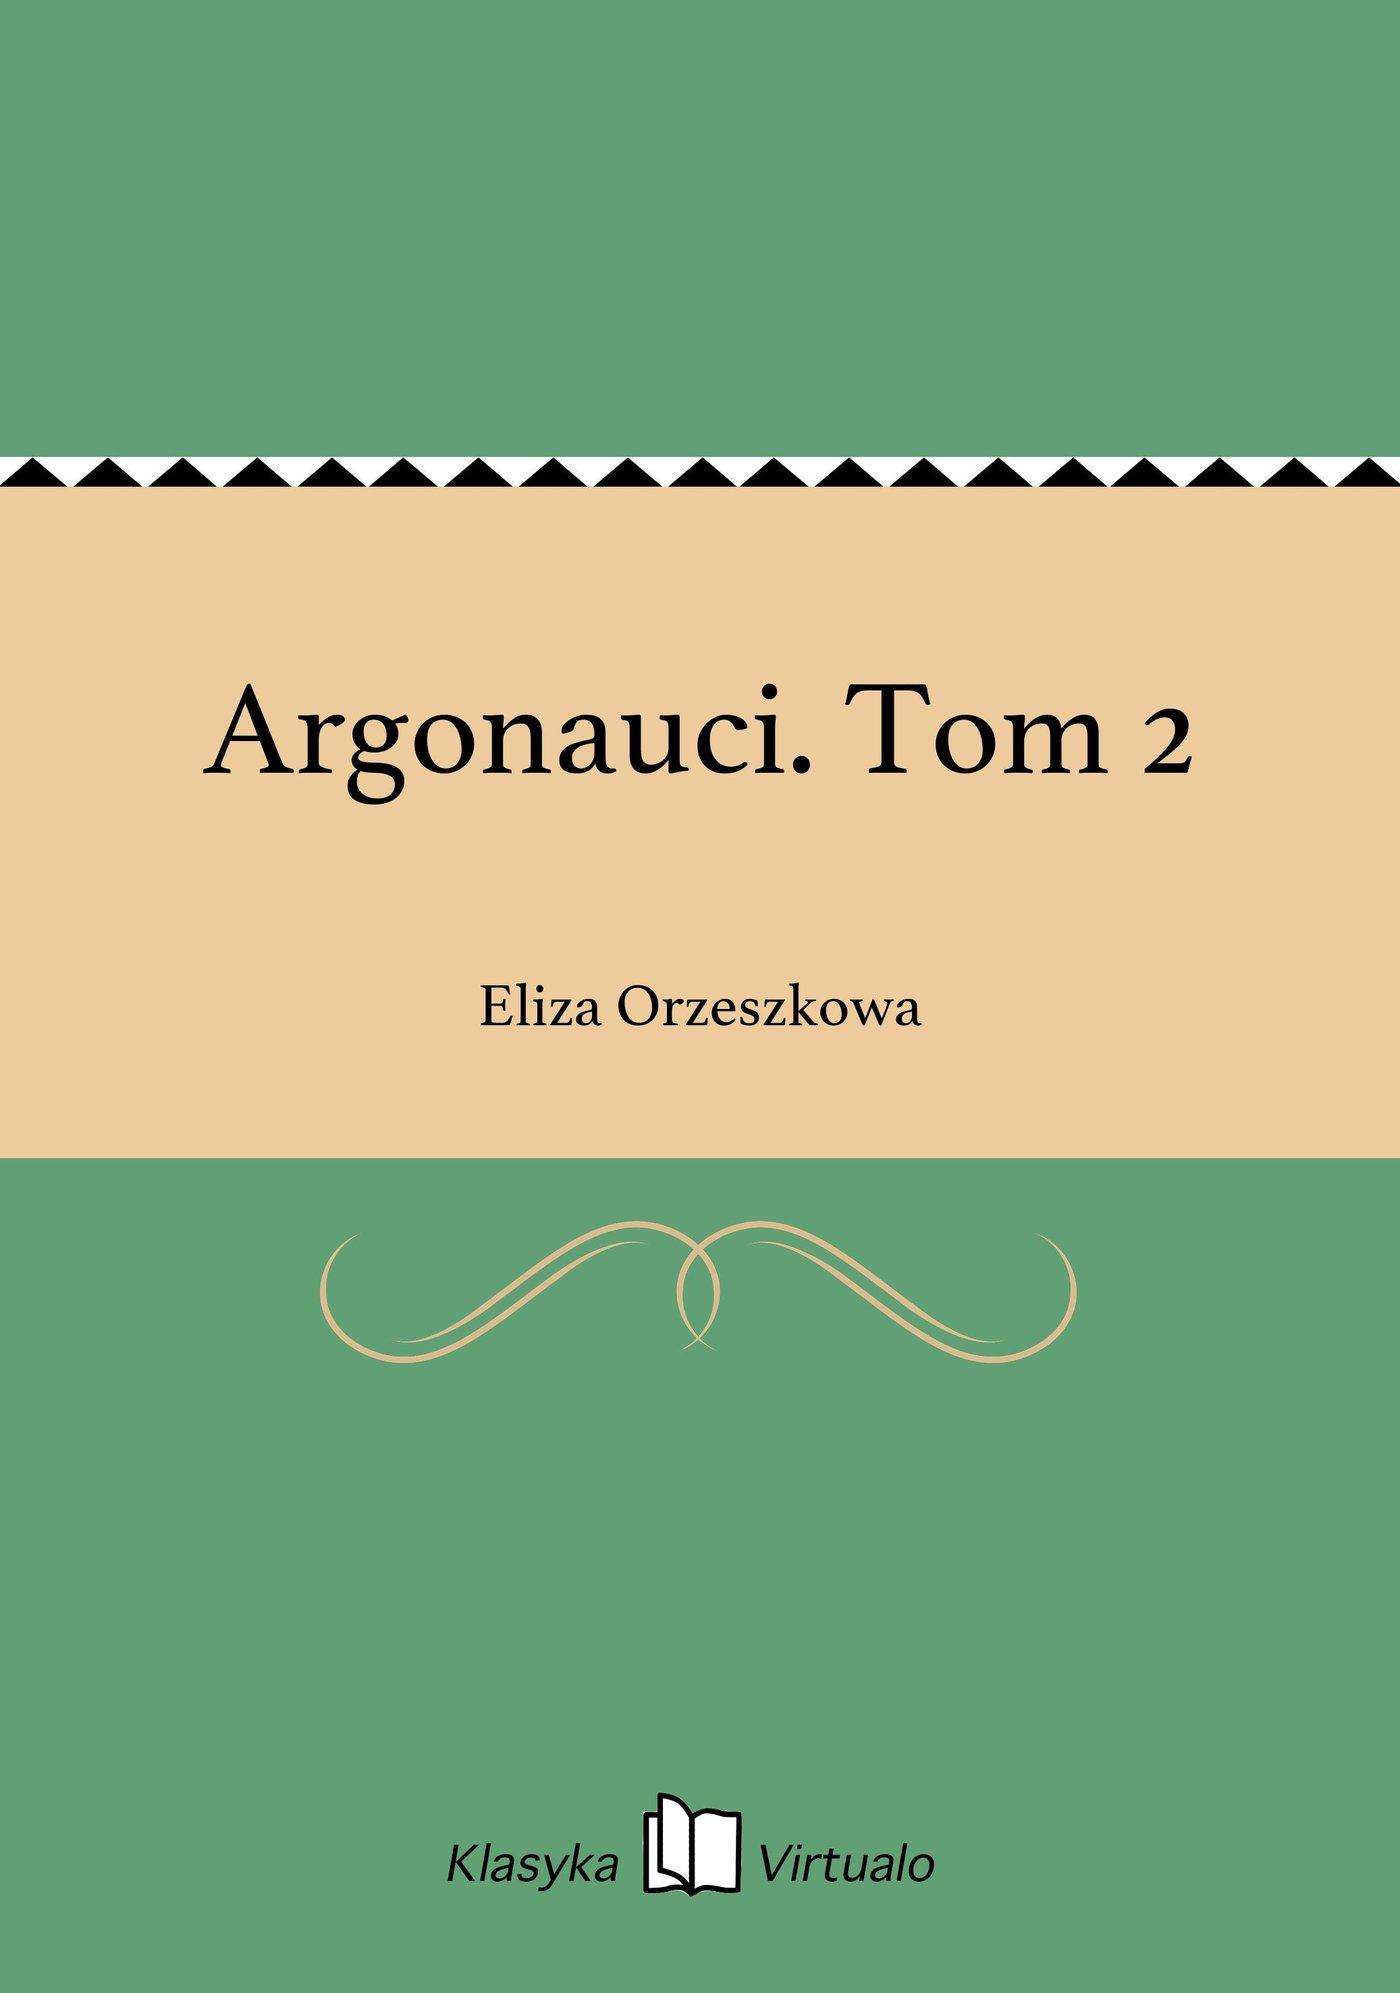 Argonauci. Tom 2 - Ebook (Książka EPUB) do pobrania w formacie EPUB